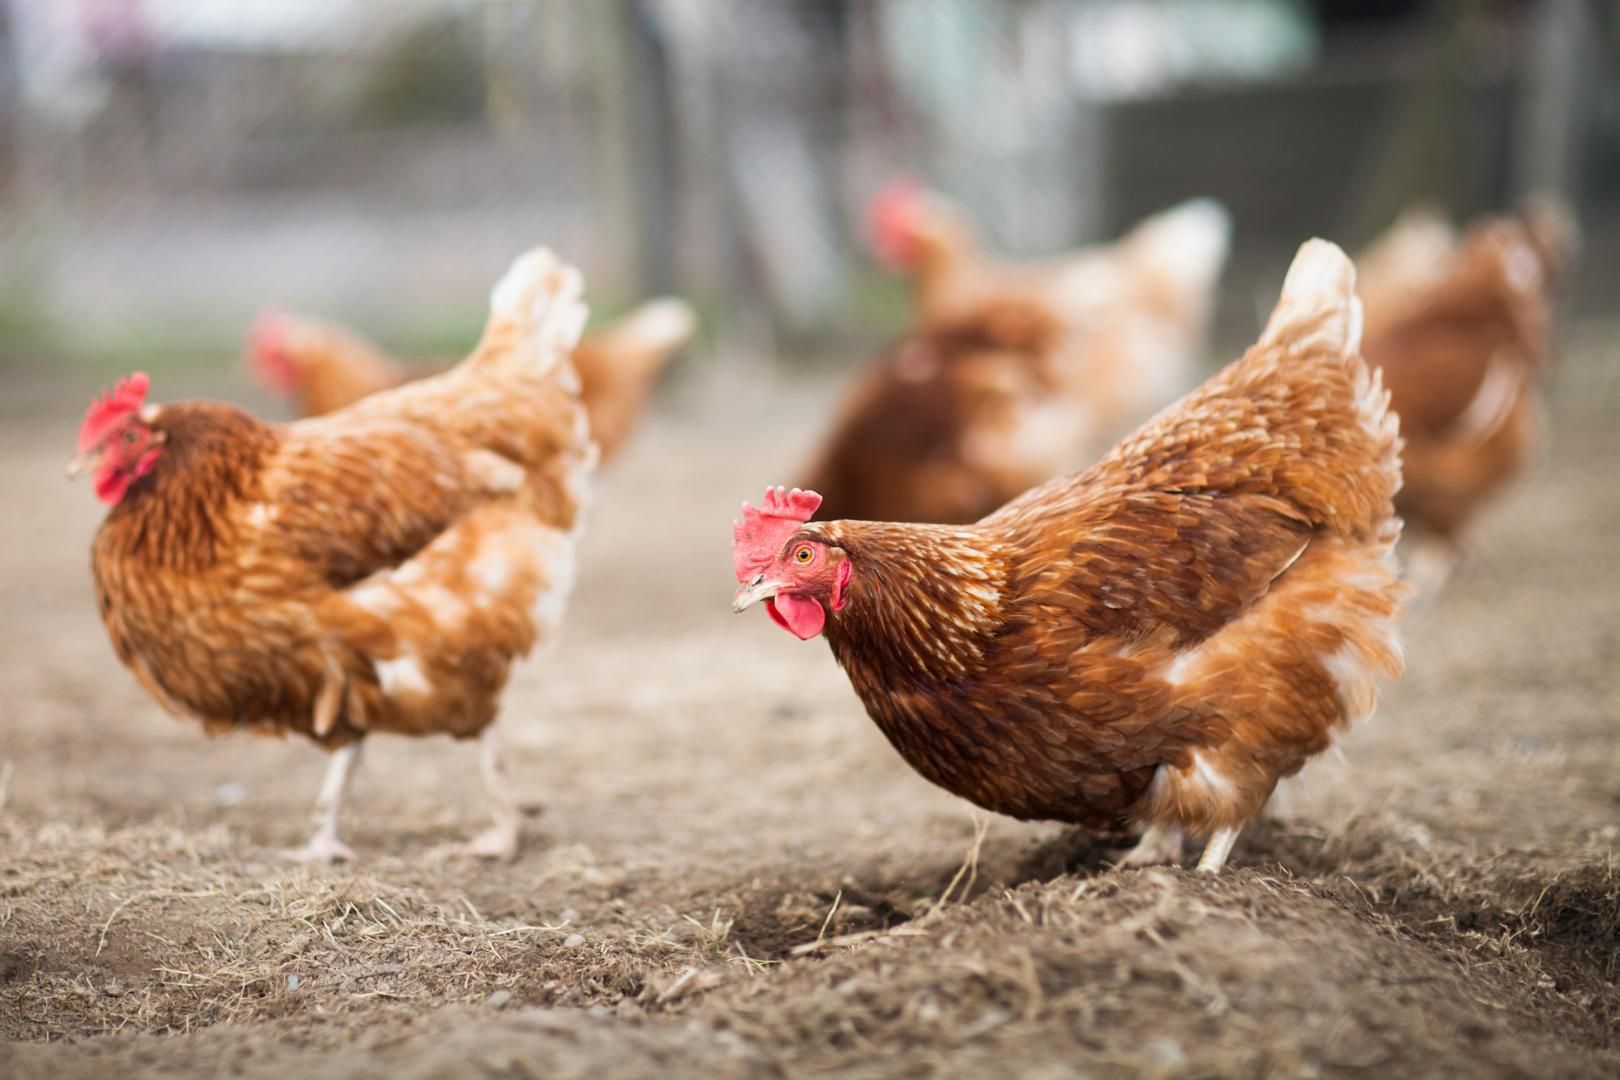 Le nostre galline sono allevate a terra